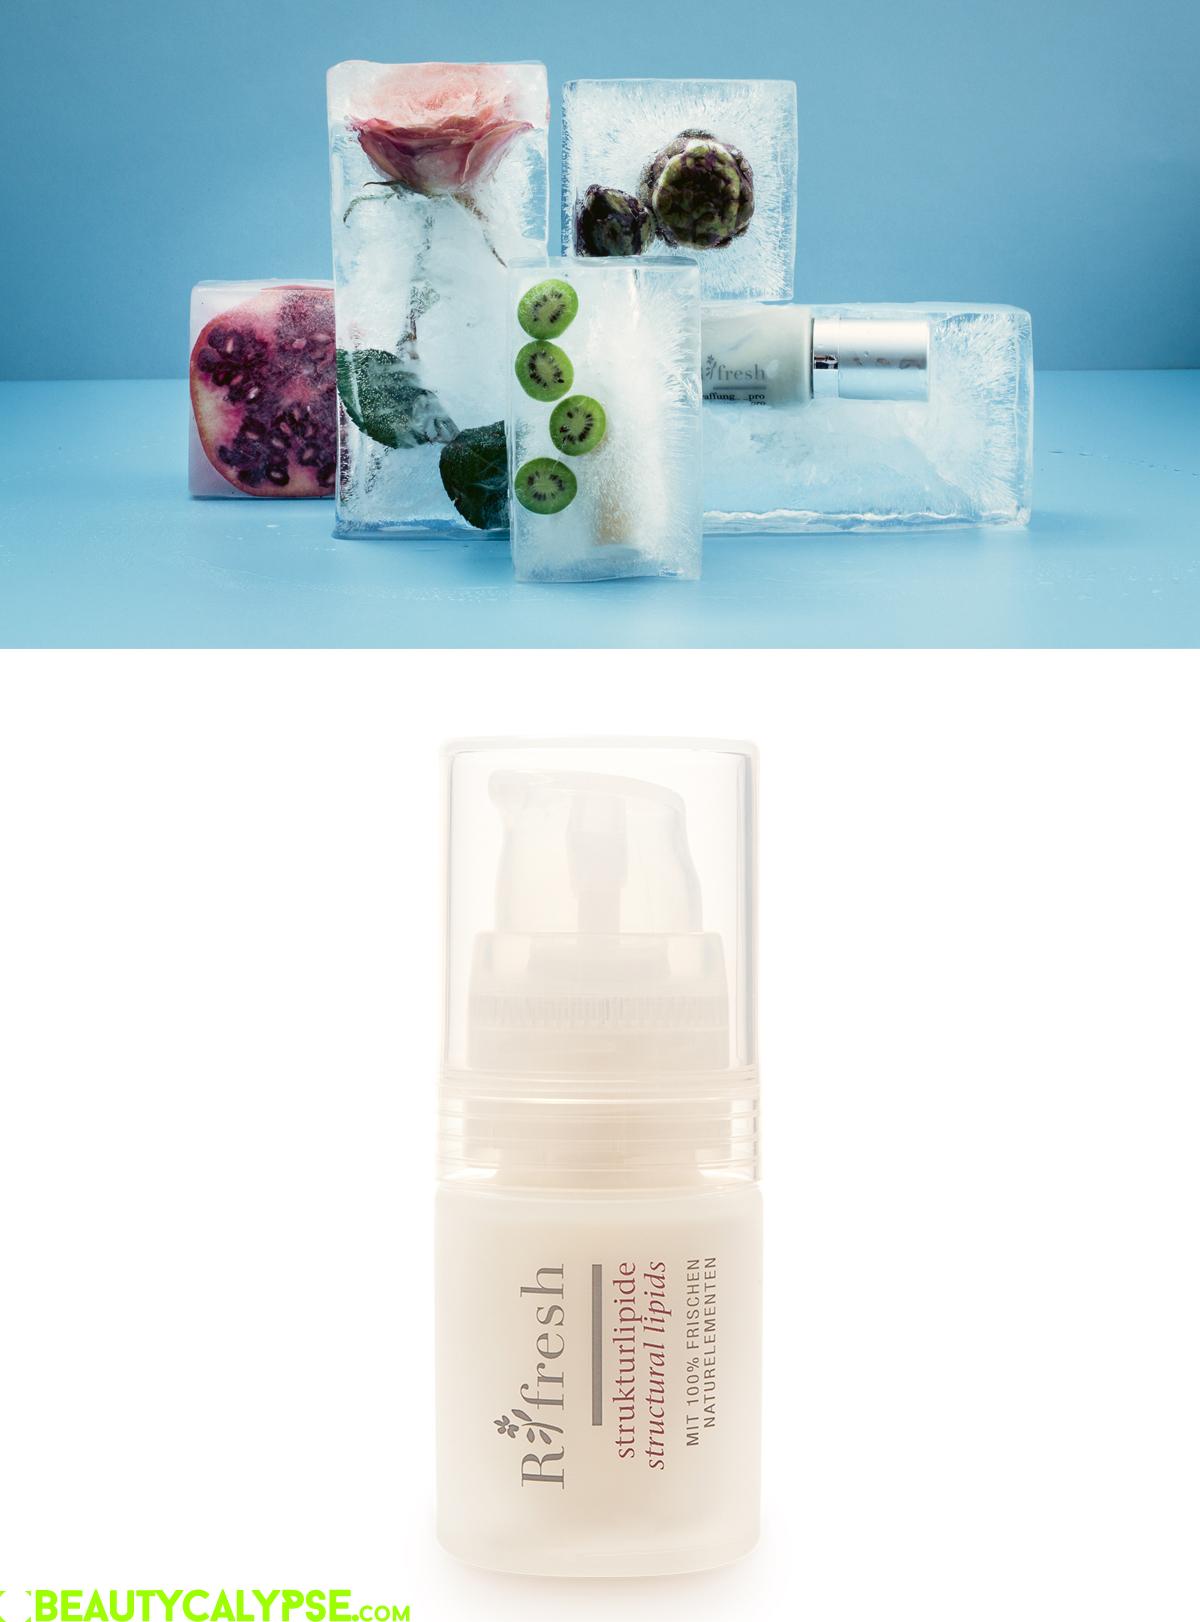 ringana-fresh-cosmetics-structurallipids